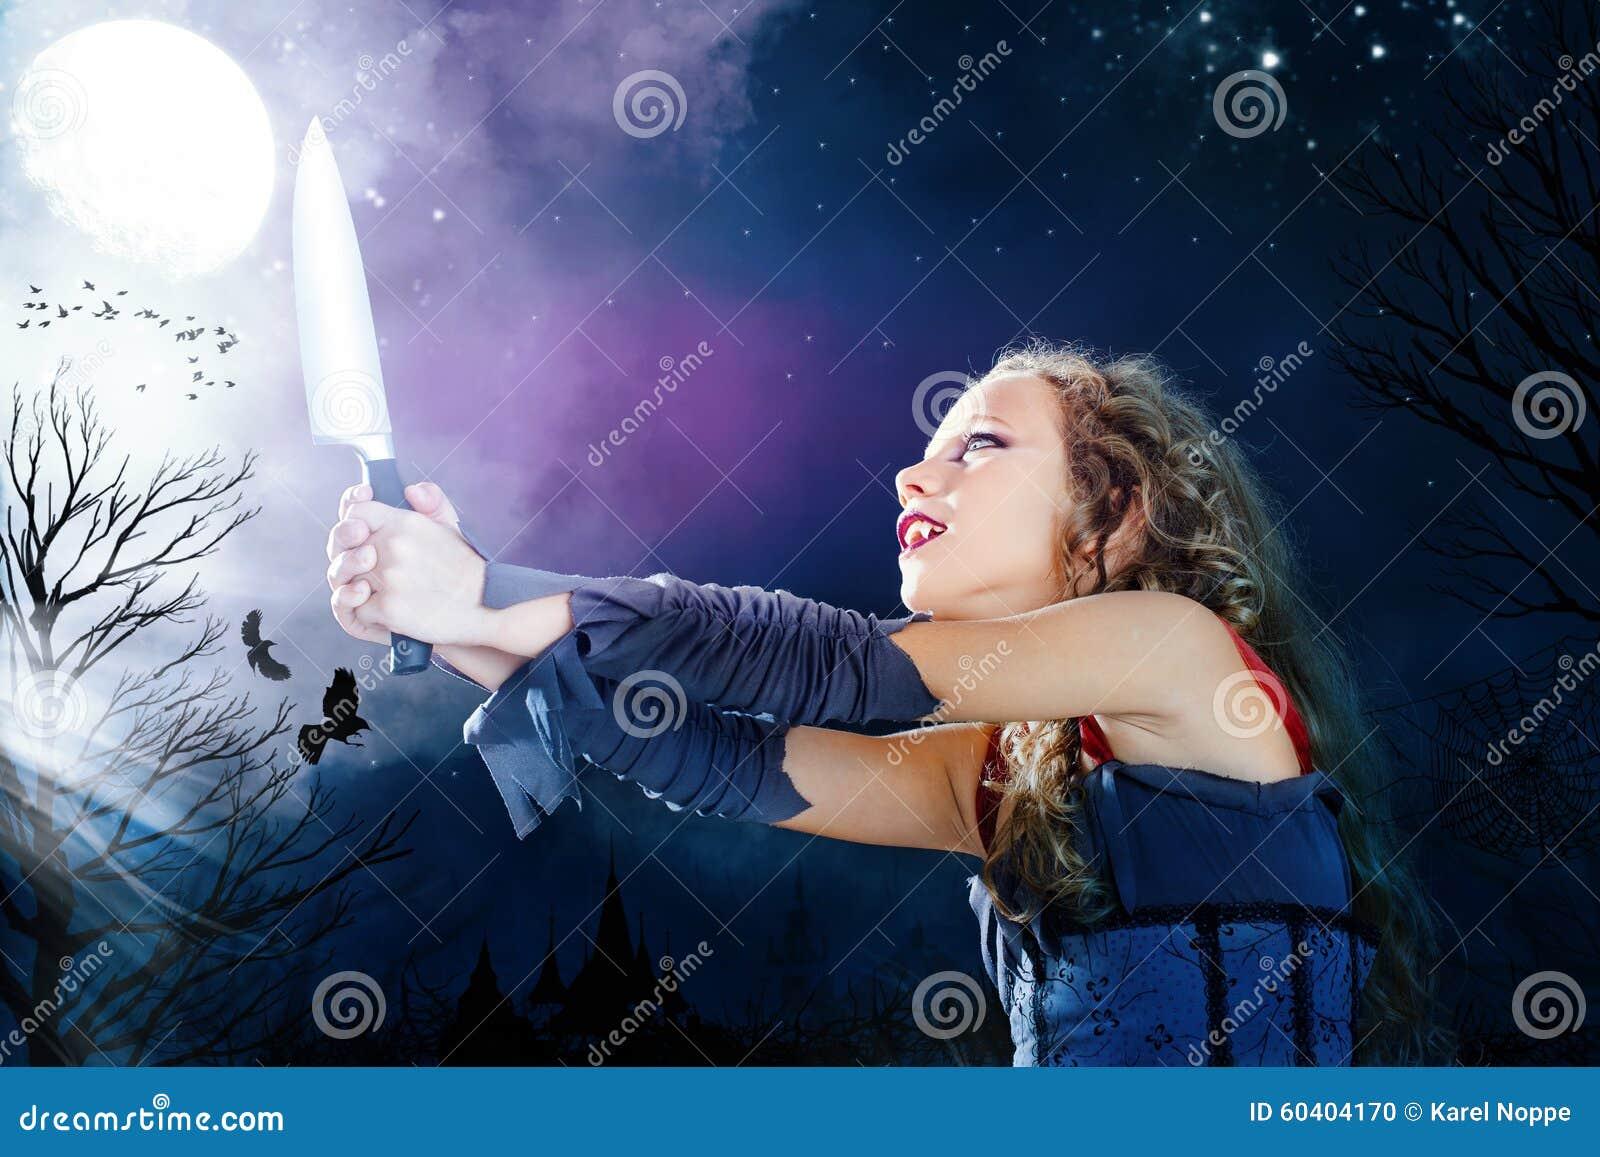 概念性疯狂的被困扰的女孩在万圣夜